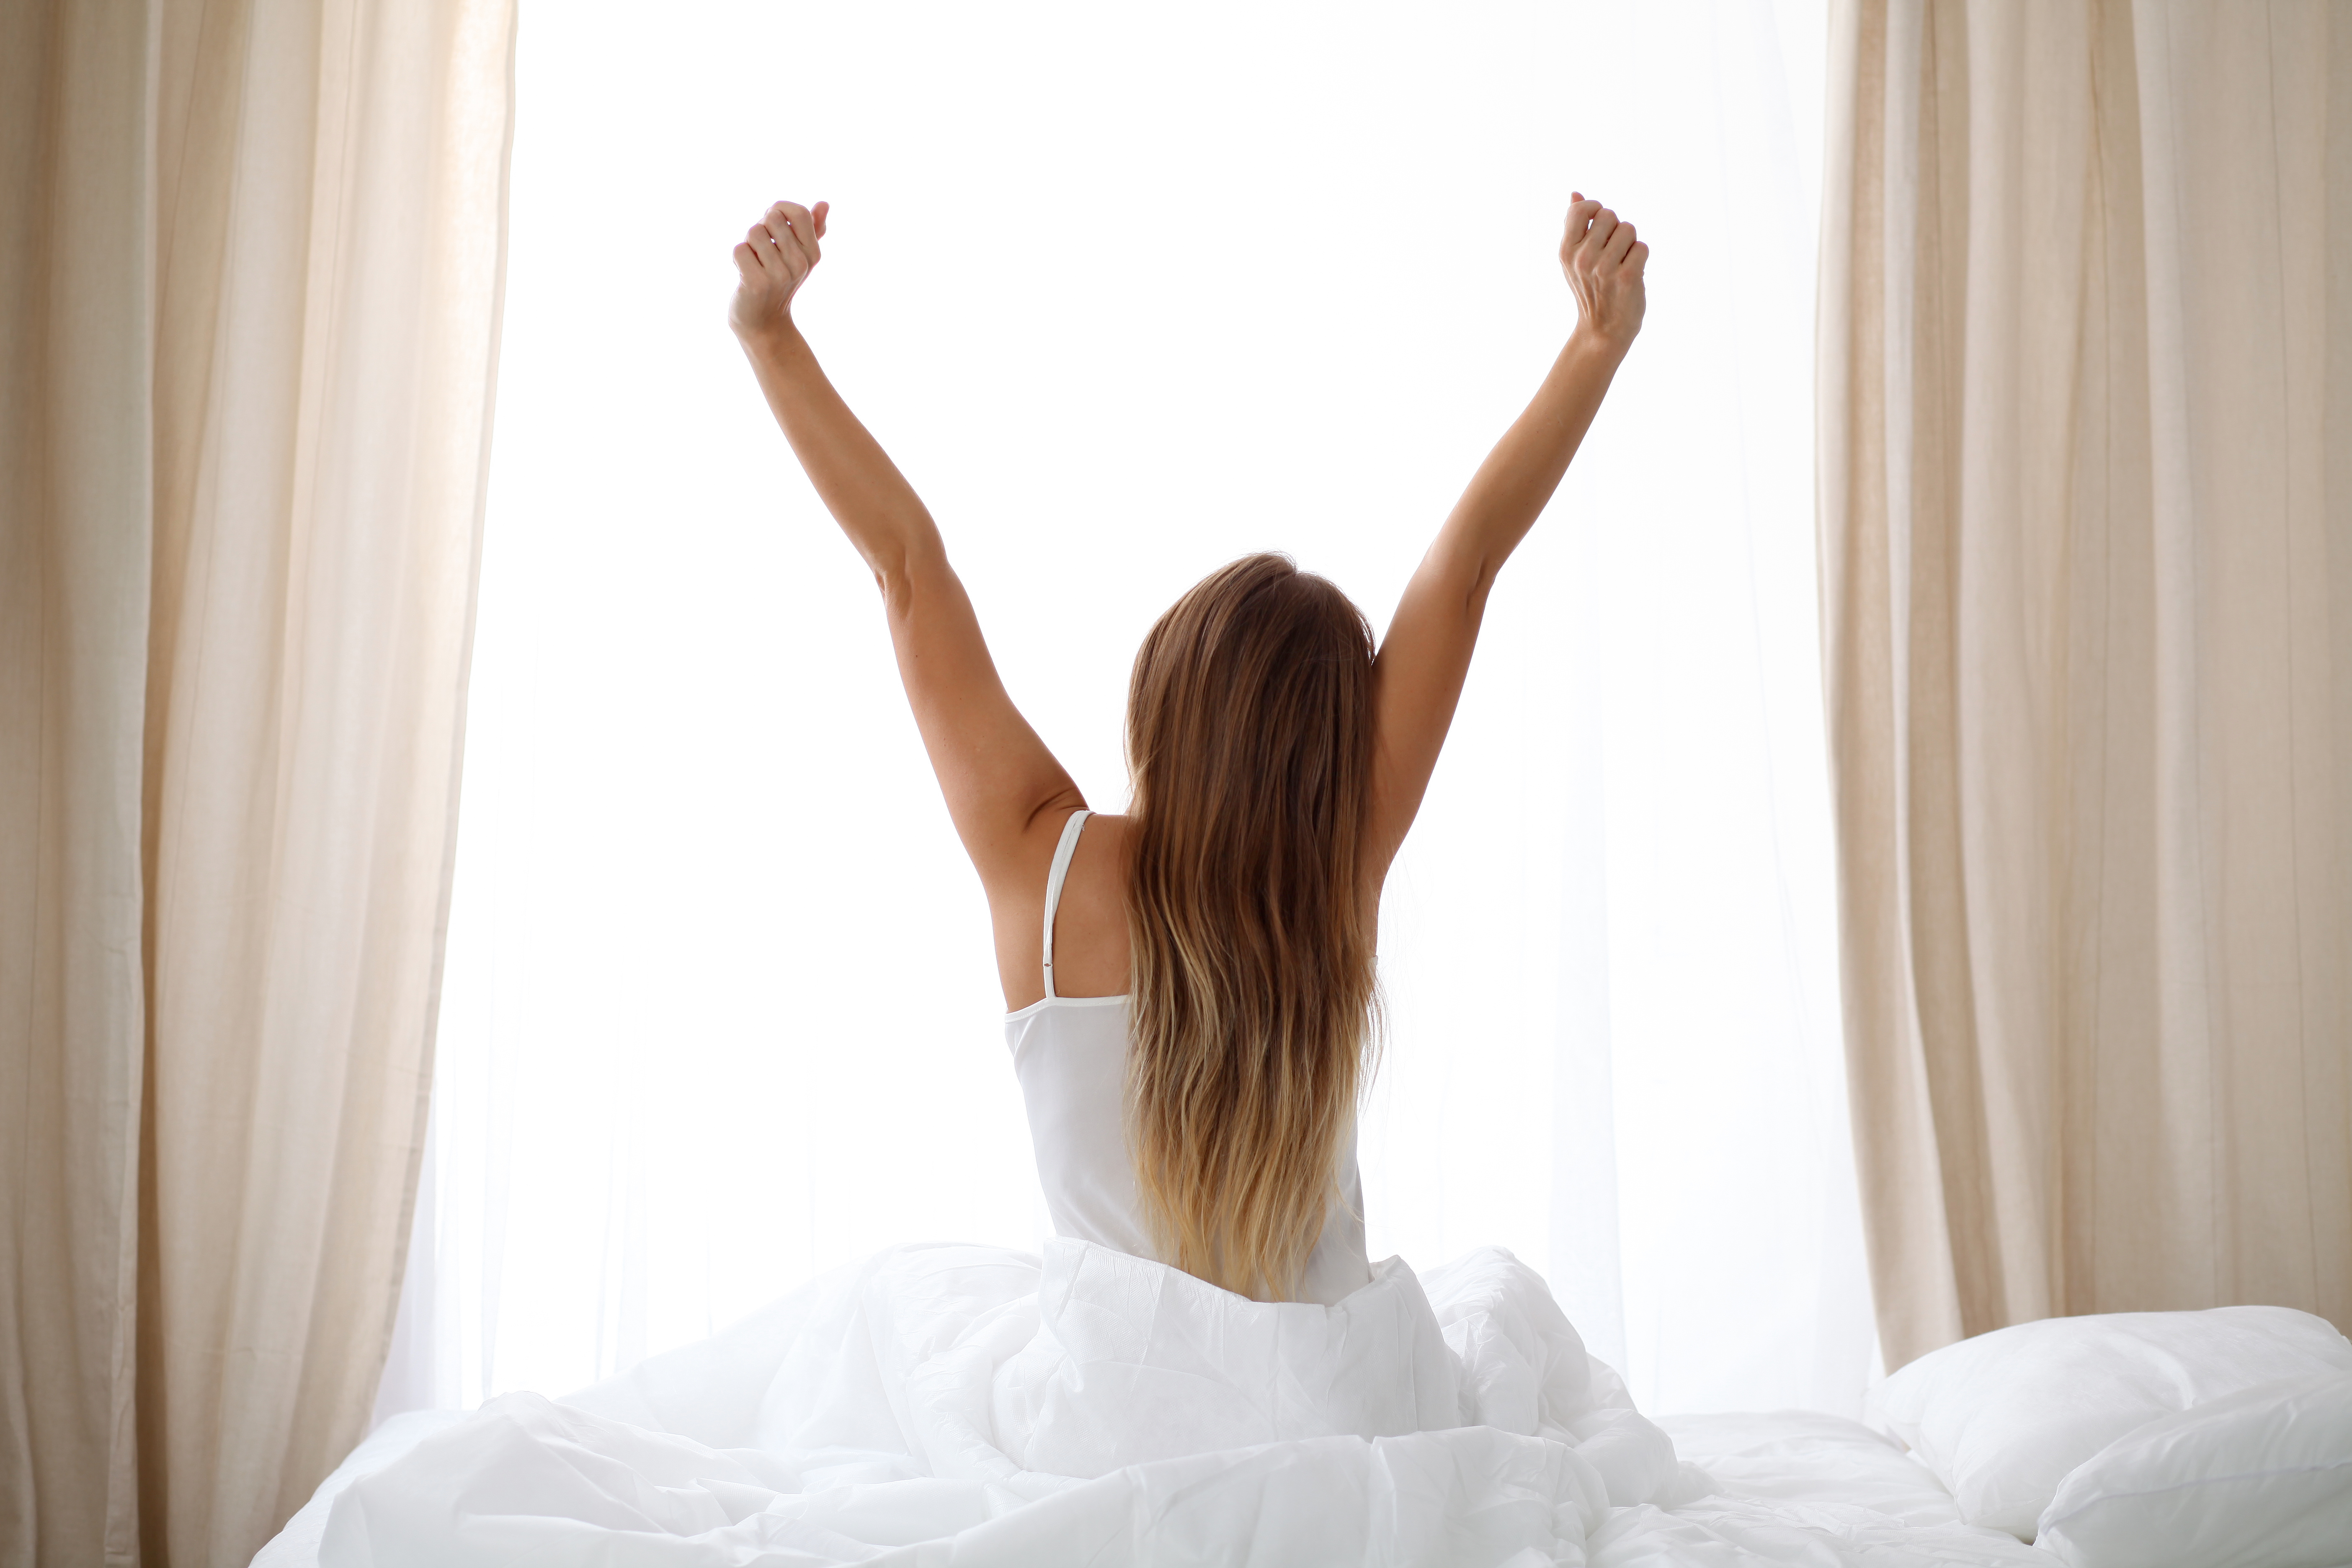 Besser schlafen - 5 Tipps für ruhige Nächte